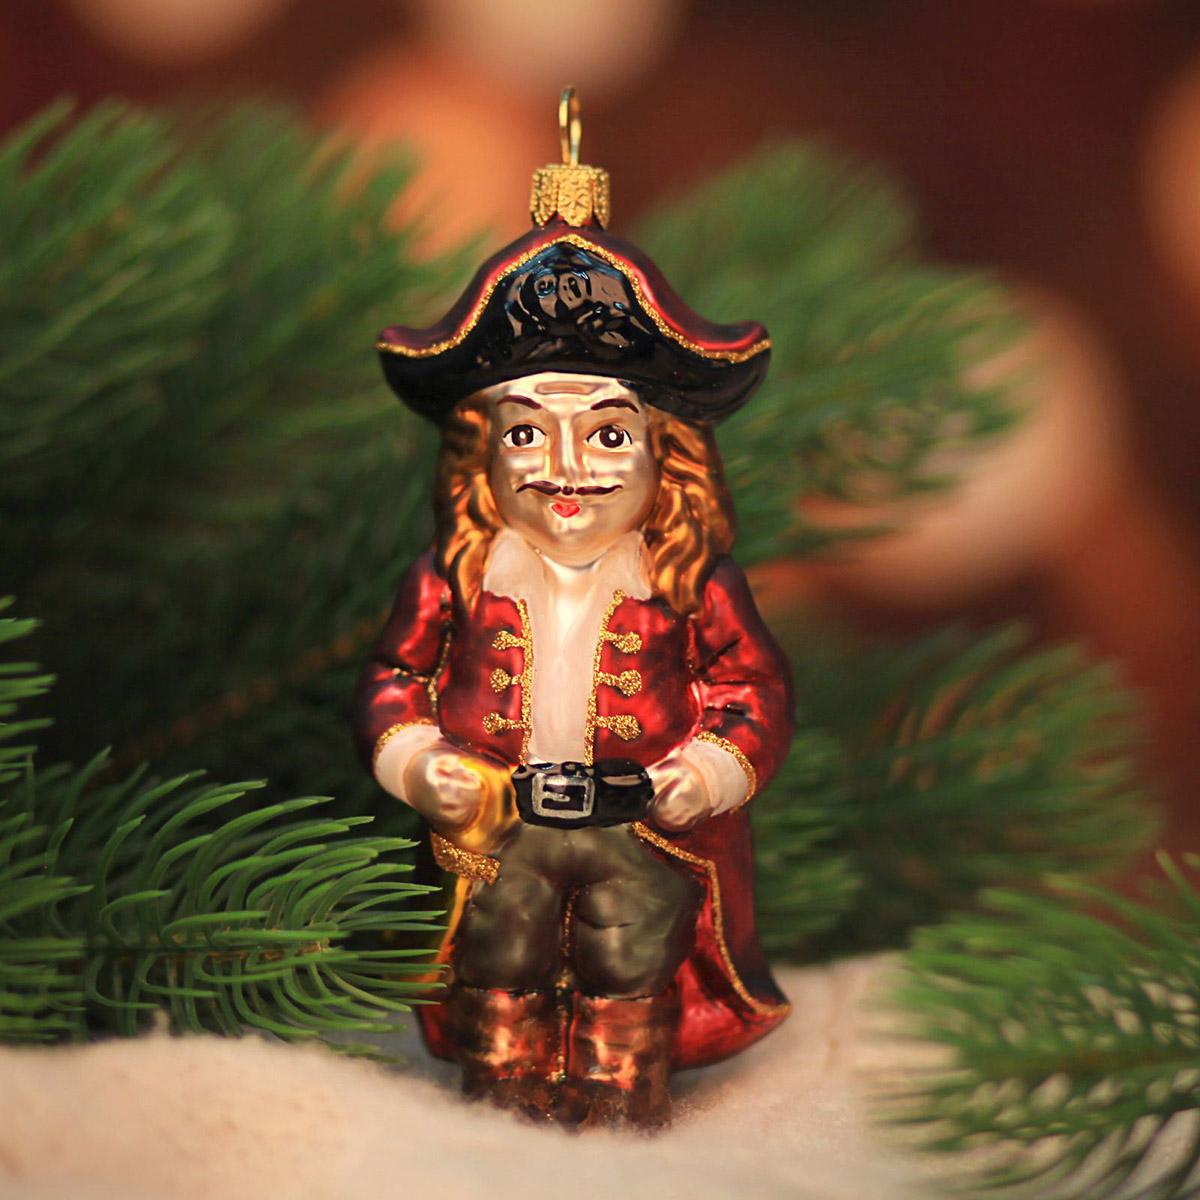 Новогоднее подвесное украшение Hanco Design Веселый пират, цвет: бордовый, высота 12 см106431Новогоднее украшение Hanco Design отлично подойдет для декорации вашего дома и новогодней ели. Елочная игрушка - символ Нового года. Она несет в себе волшебство и красоту праздника. Такое украшение создаст в вашем доме атмосферу праздника, веселья и радости.